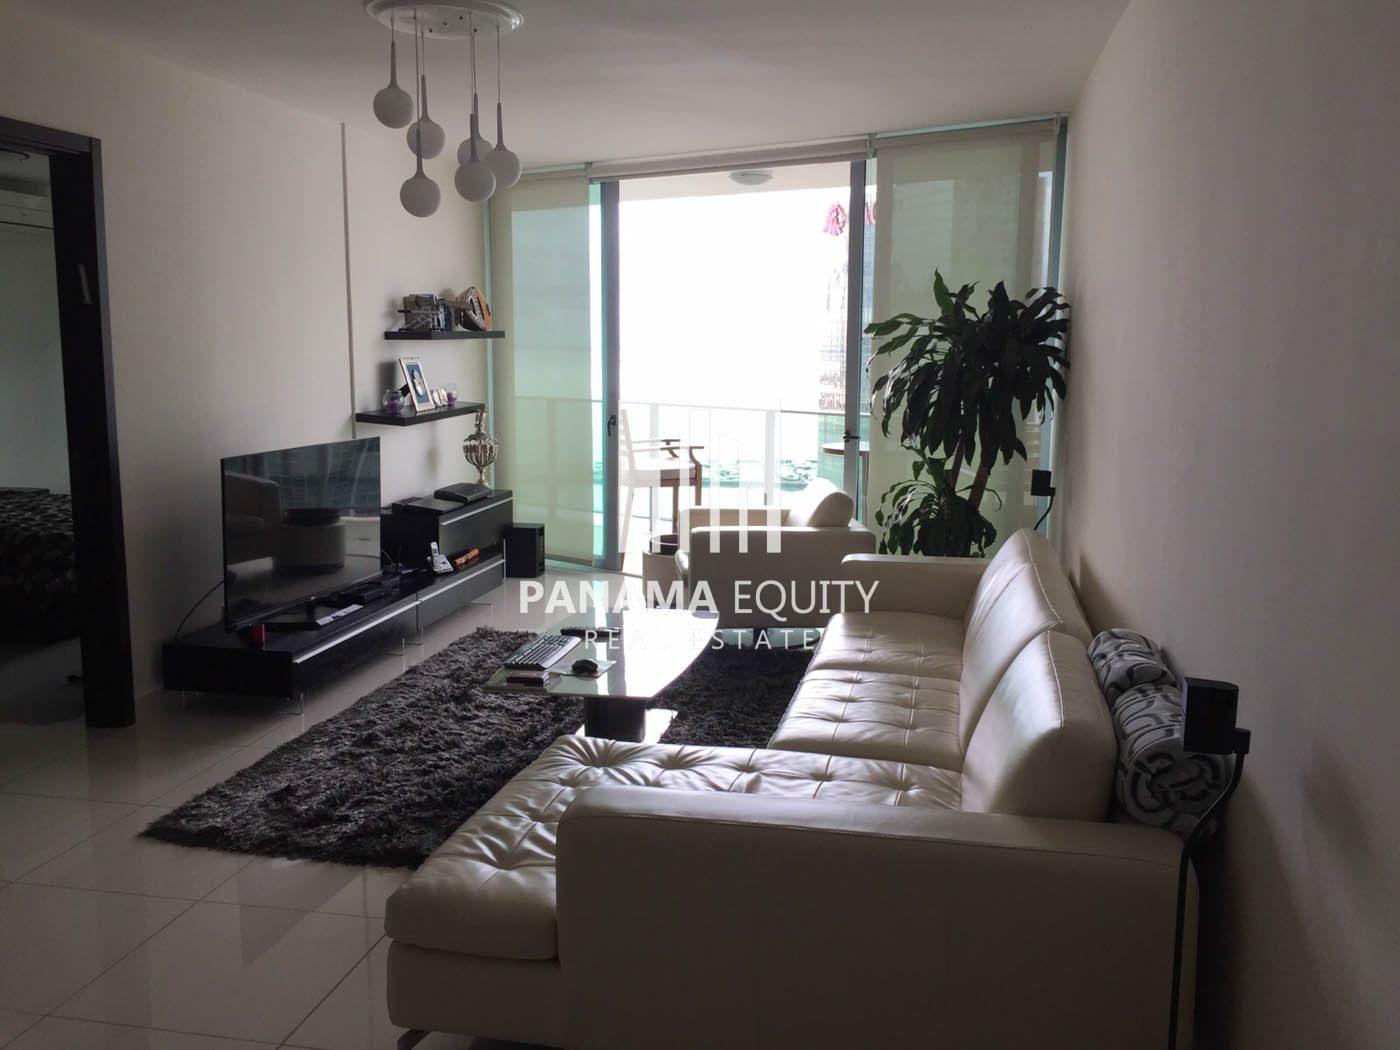 Brillante y Fresco apartamento totalmente amoblado en alquiler en Allure, Avenida Balboa